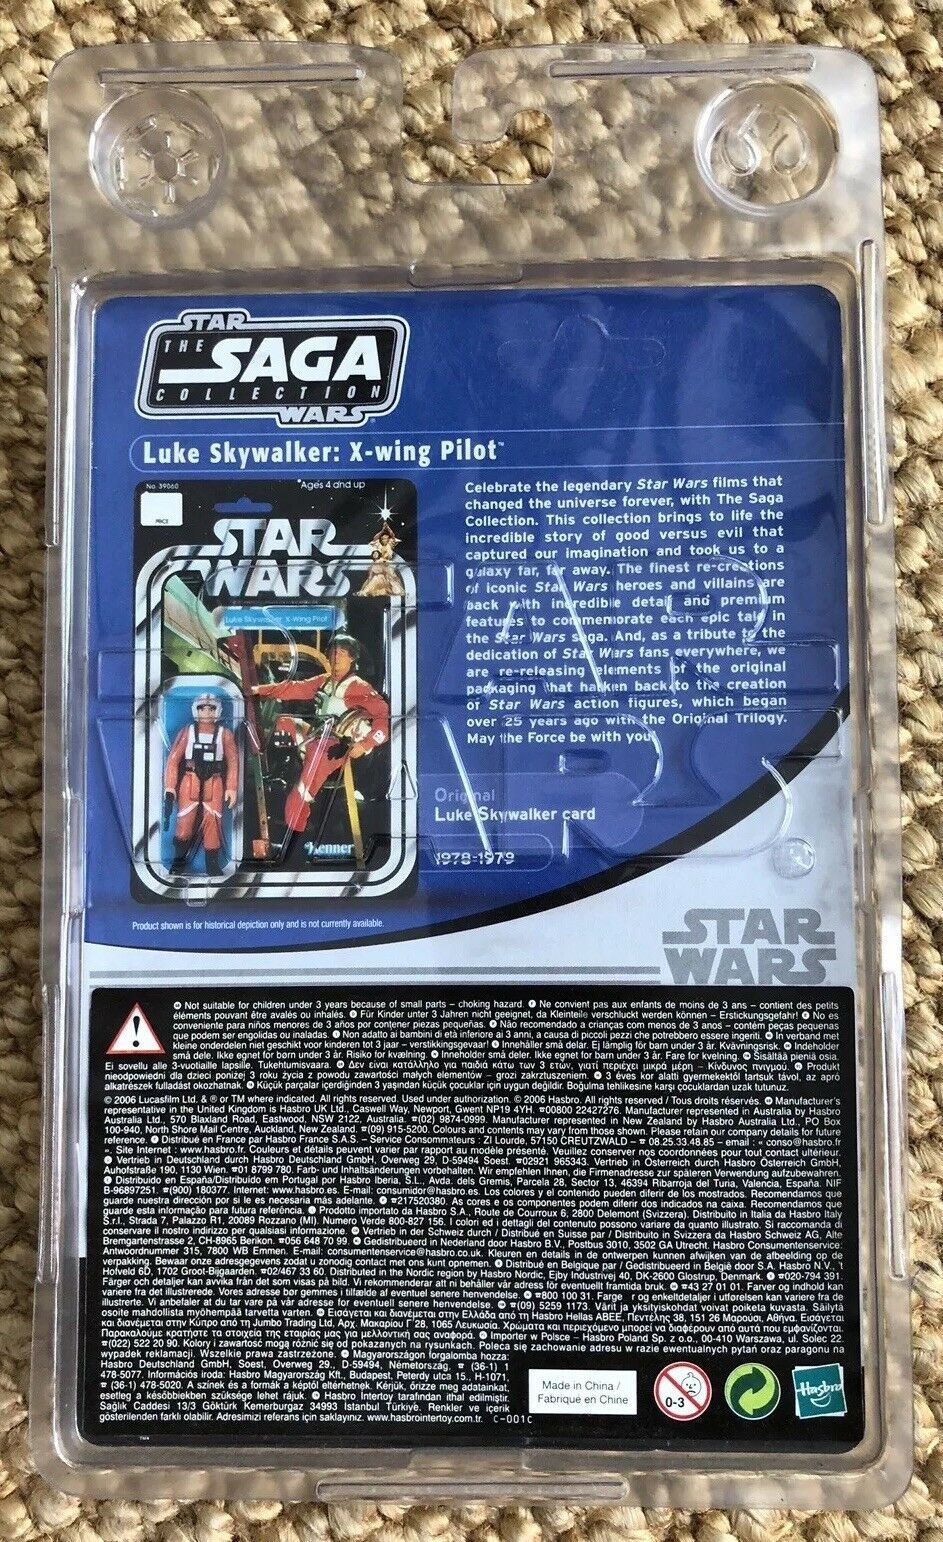 Star Wars Return Of The Jedi Saga Saga Saga Collection Luke Skywalker X-wing Pilot Figure 2803f9